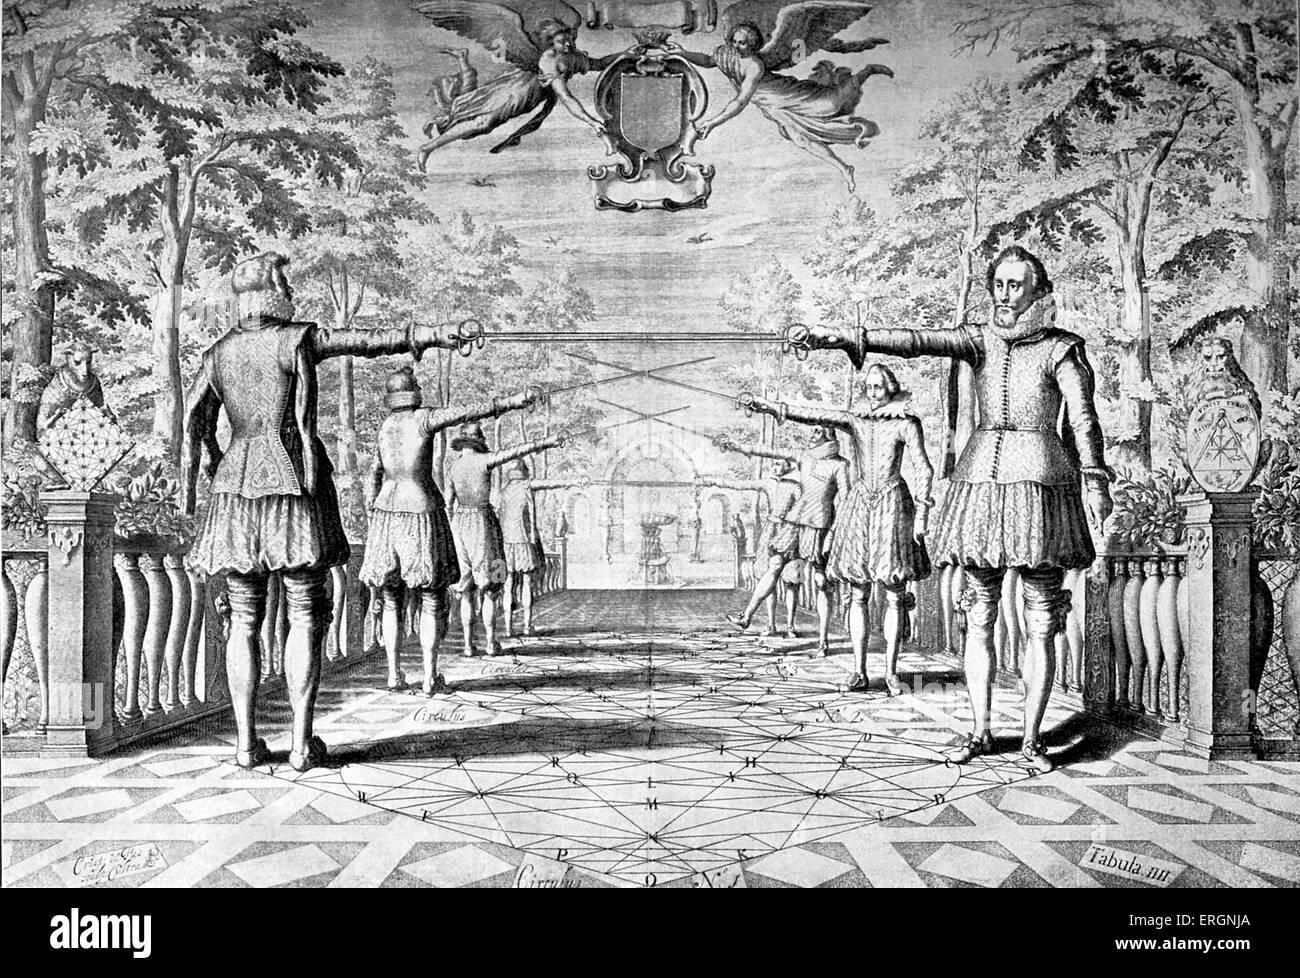 Gravure illustrant l'art de l'escrime de l'Académie de l'Espée (Académie de l'épée), Photo Stock